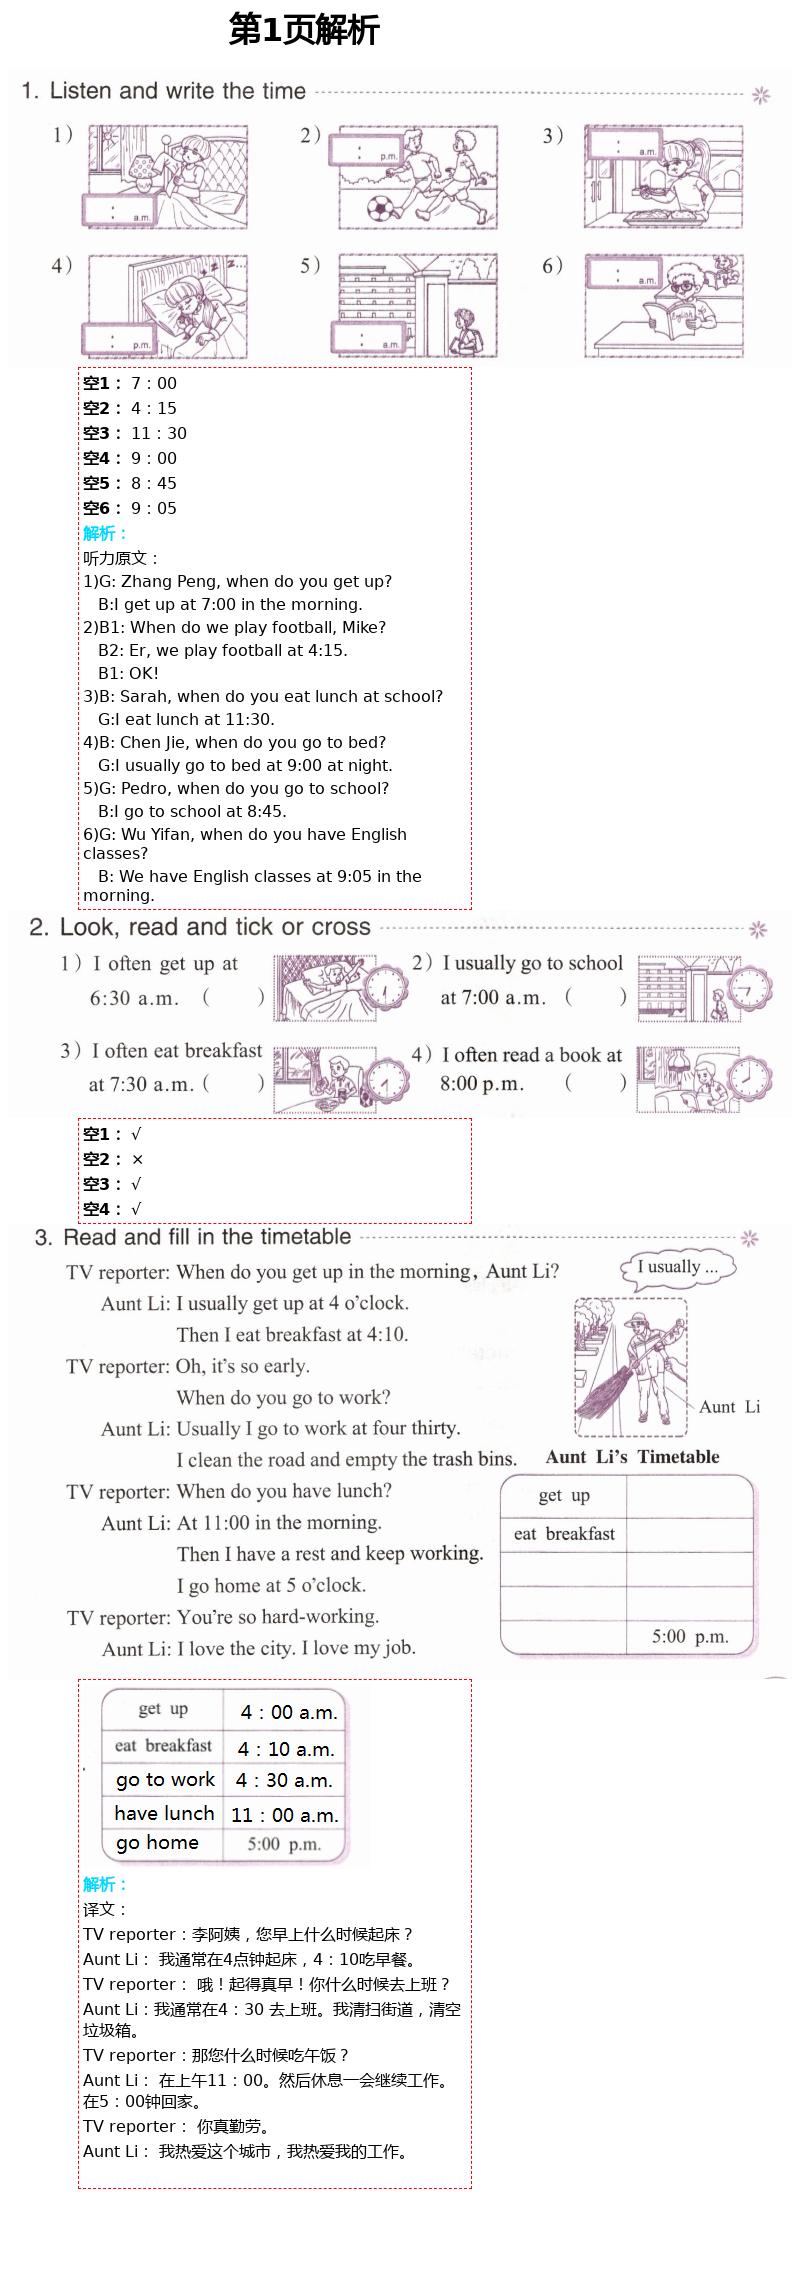 2021年英语作业本五年级下册人教版浙江教育出版社第1页